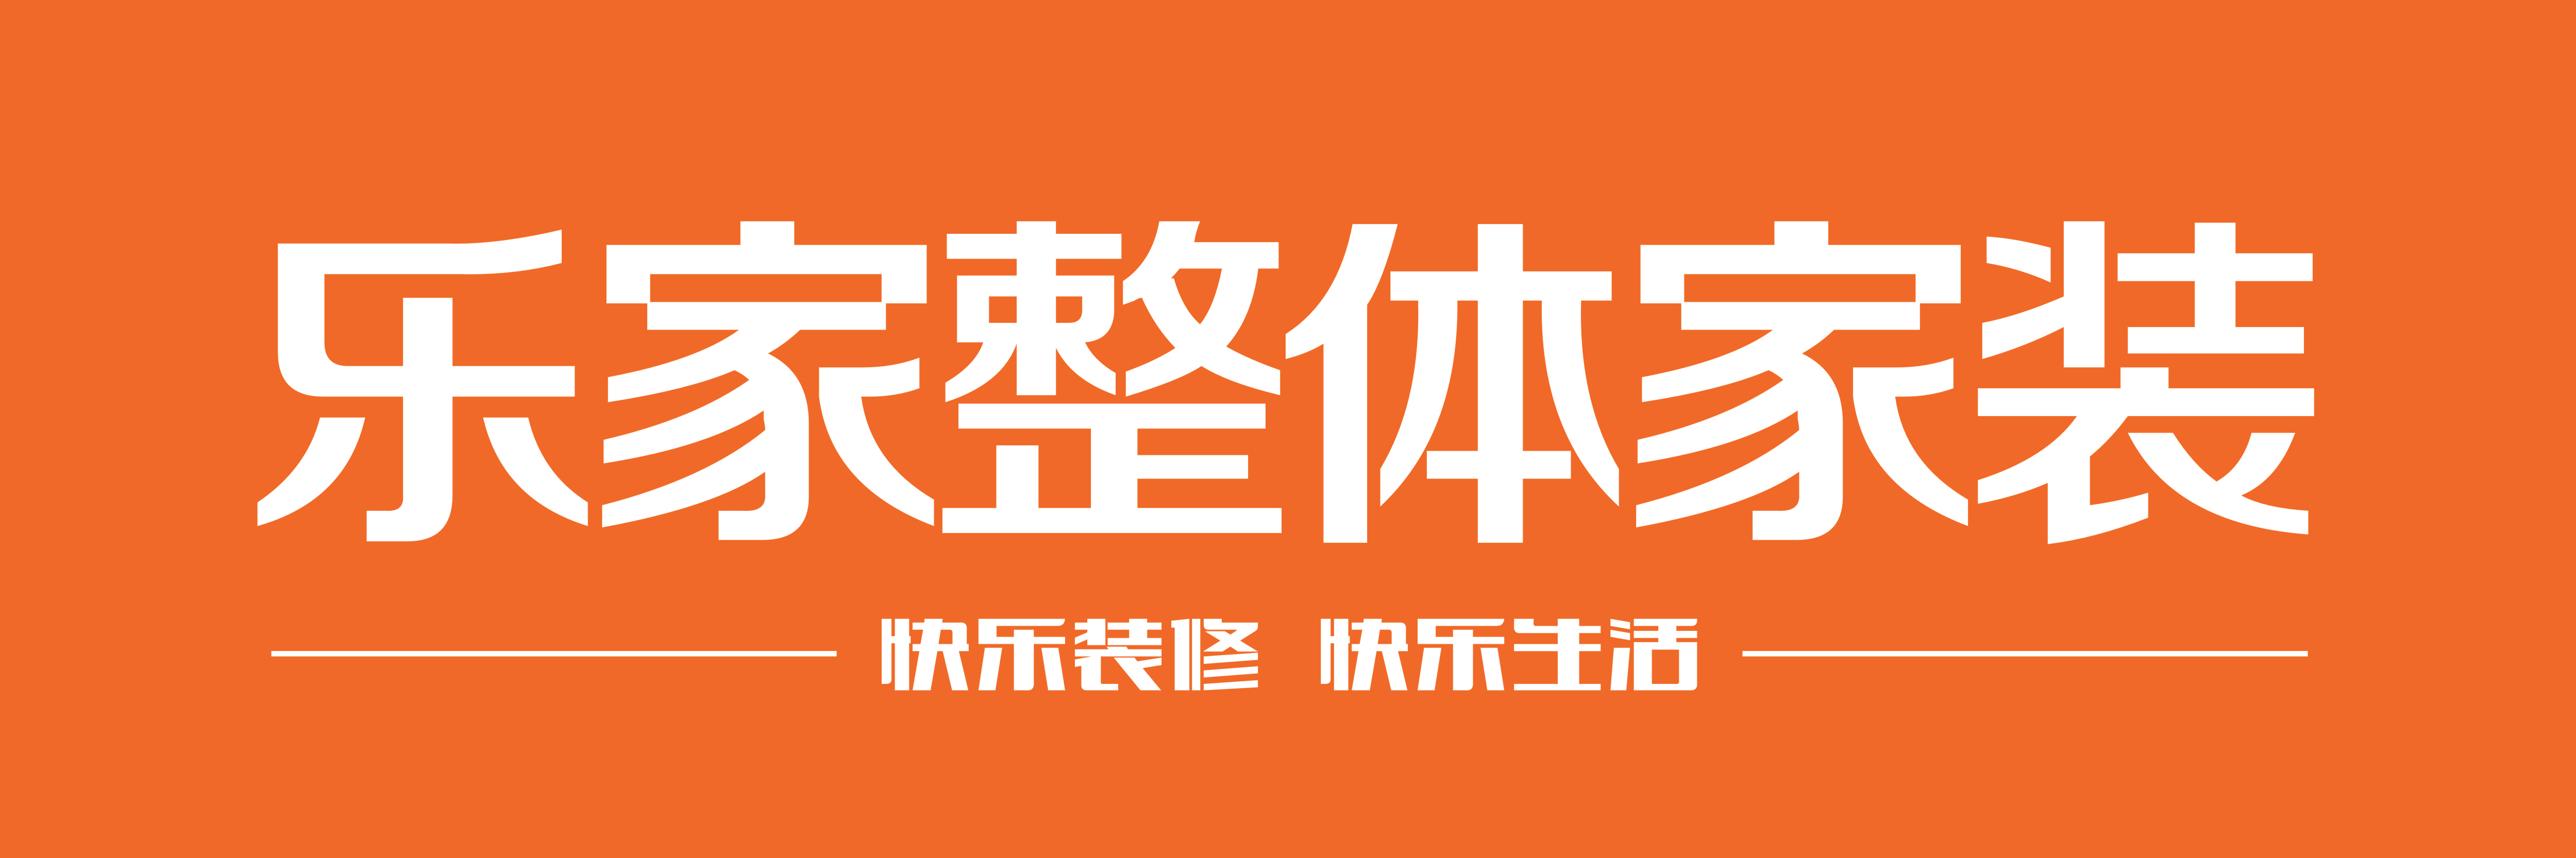 荆州市乐家装饰工程有限公司